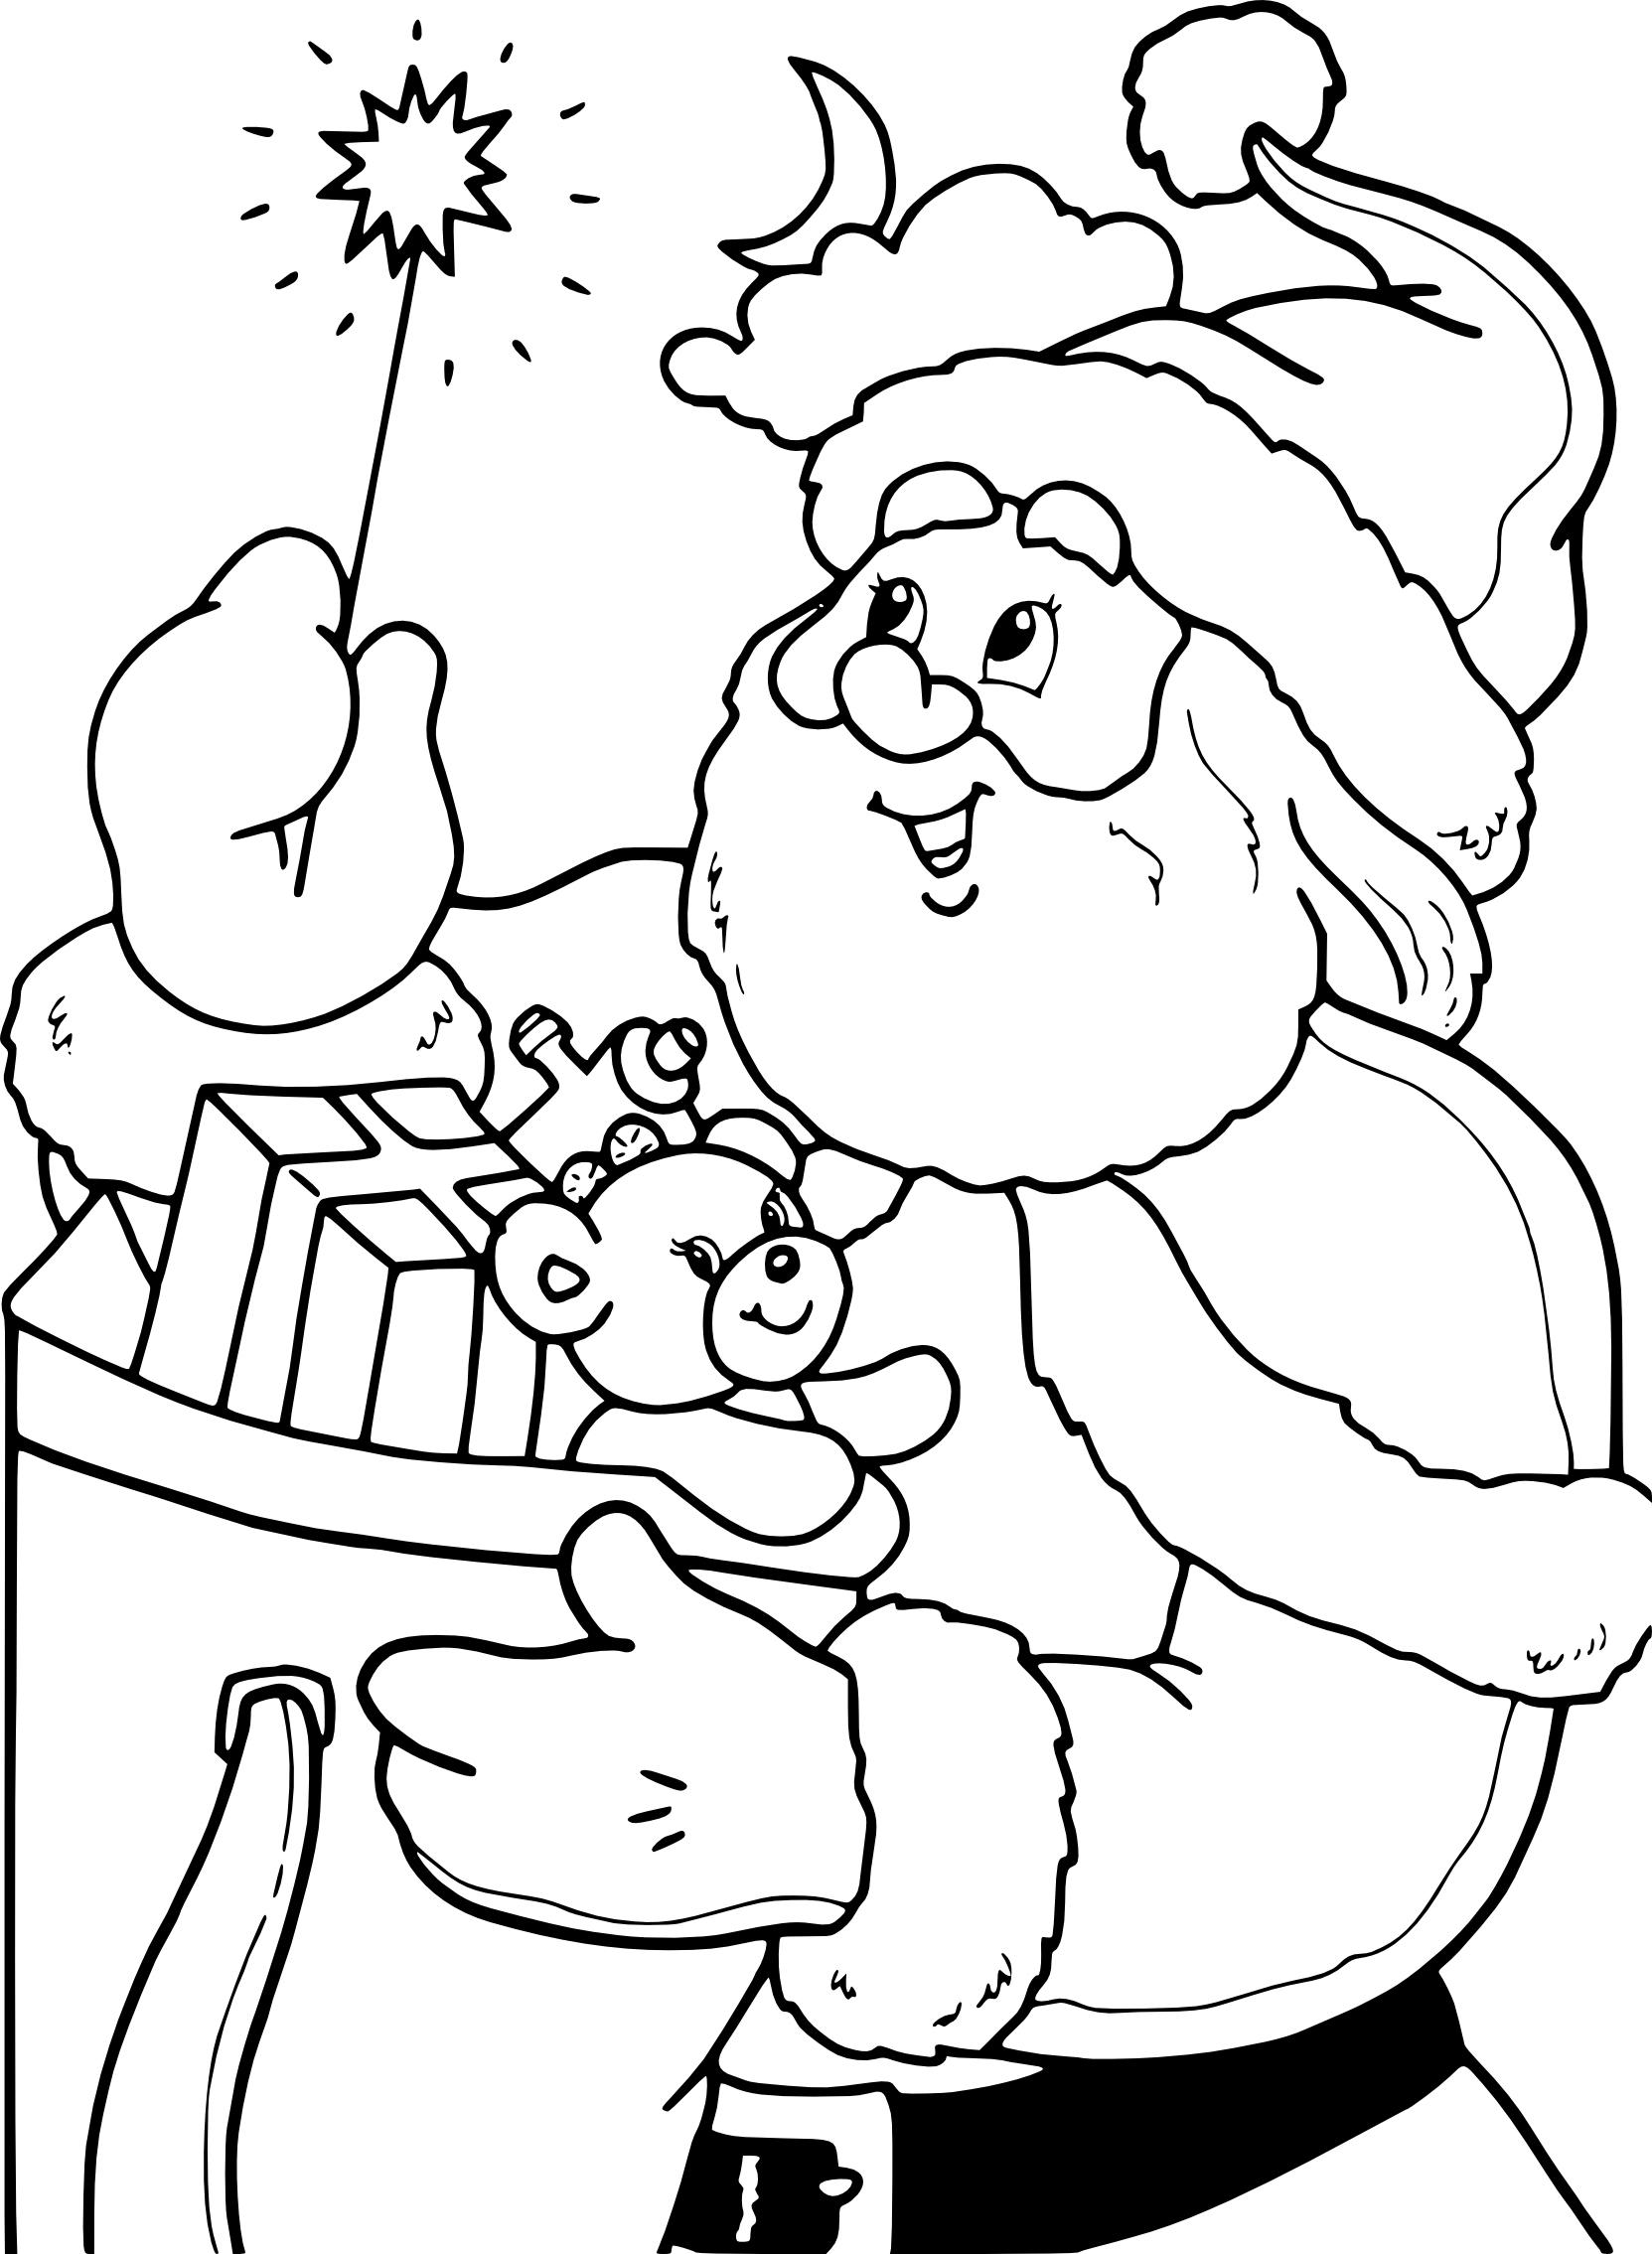 Coloriage Père Noël Et Une Baguette Magique À Imprimer pour Coloriage Pere Noel À Imprimer Gratuit